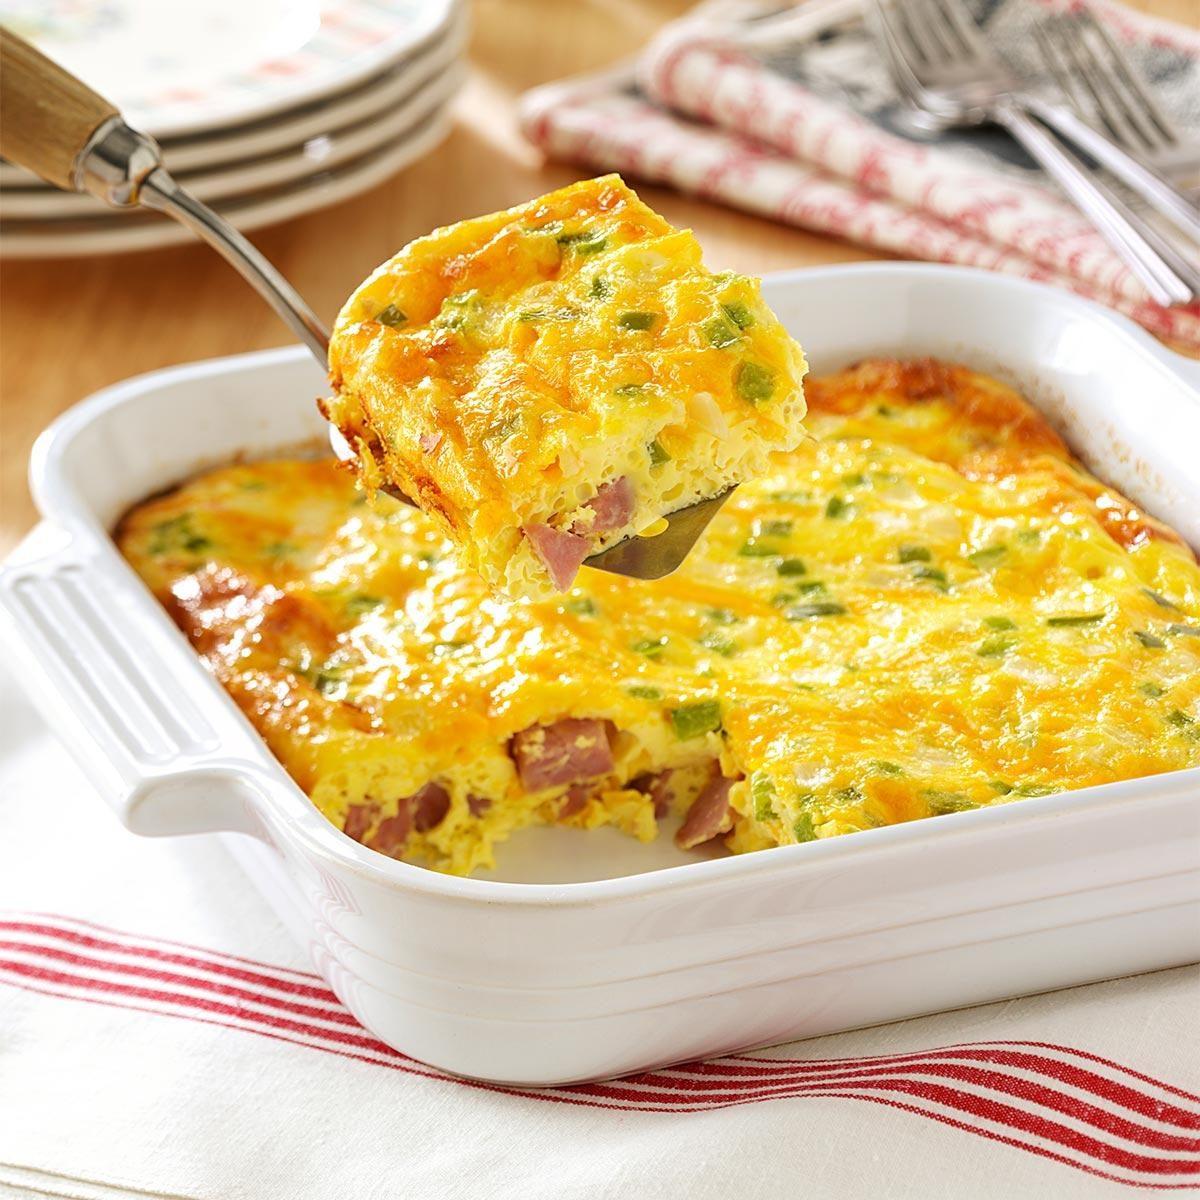 Oven Denver Omelet Recipe